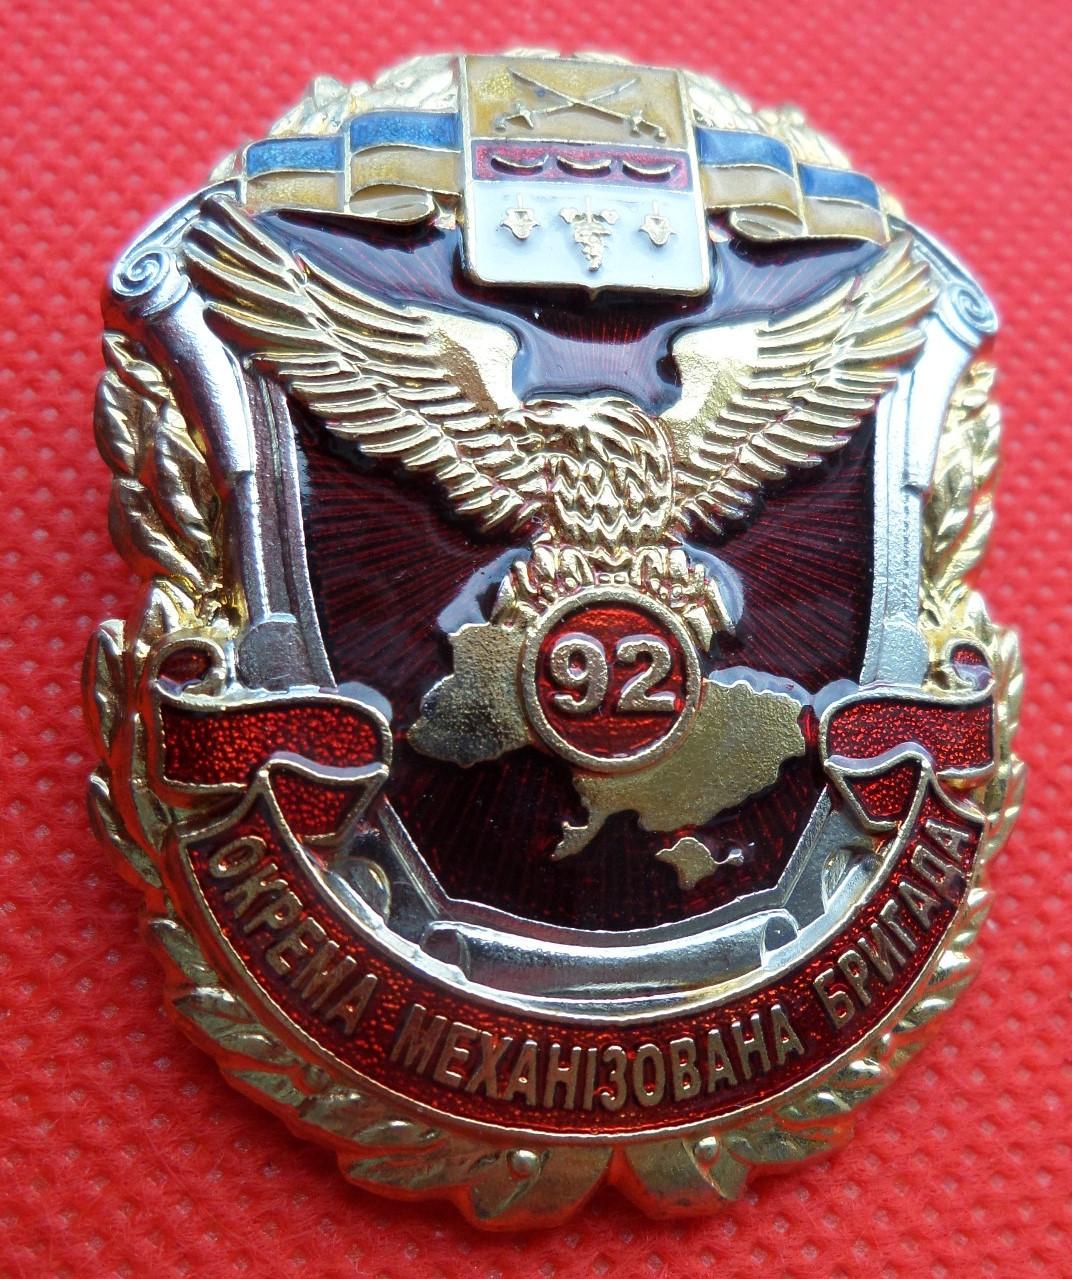 Відзнака 92 окрема механізована бригада імені кошового отамана Івана Сірка №1